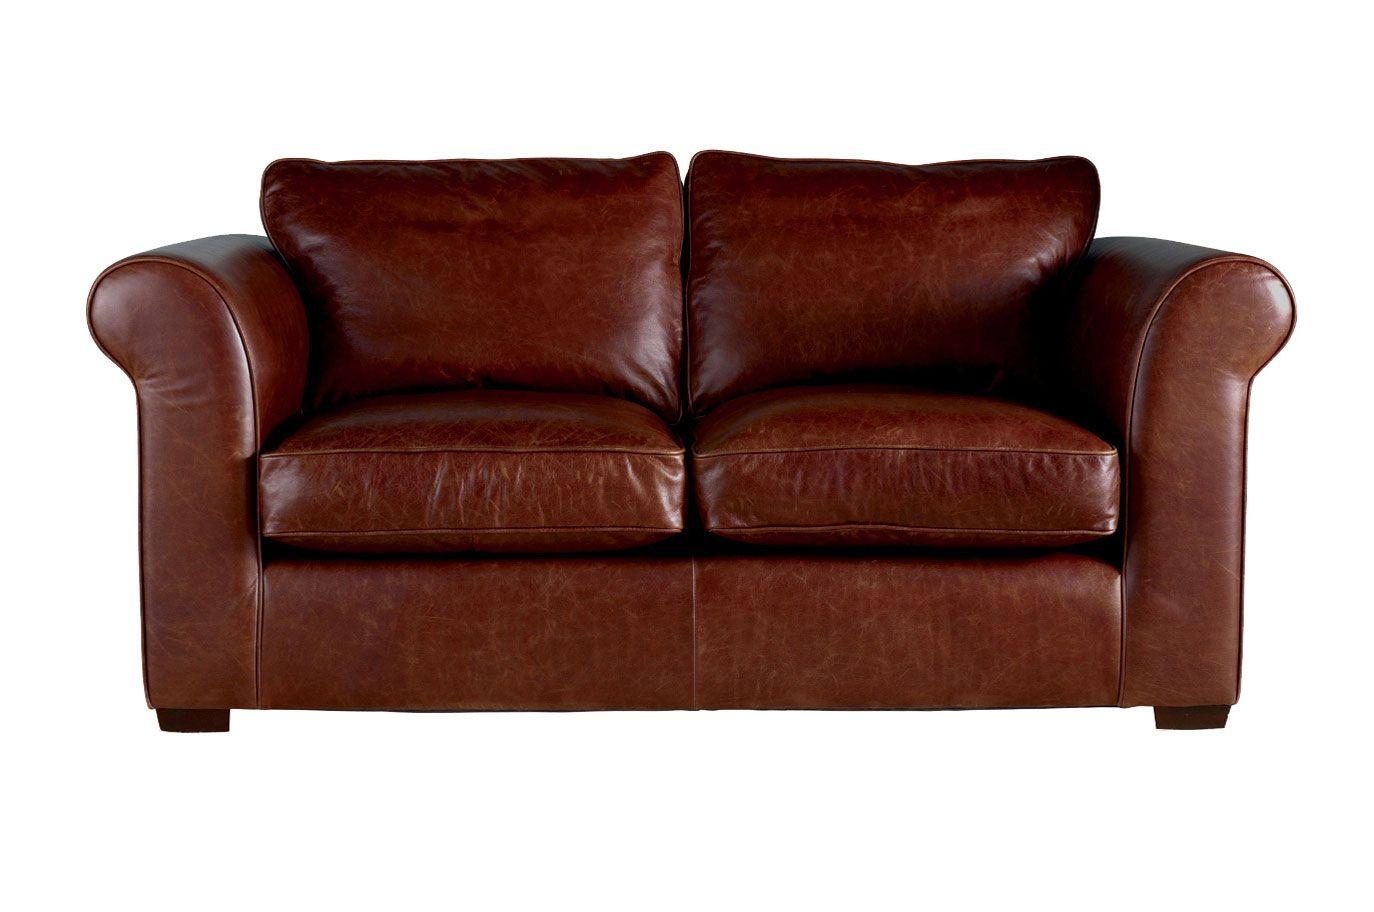 Wakehurst Leather 2 Seater Sofa Laura Ashley Made To Order